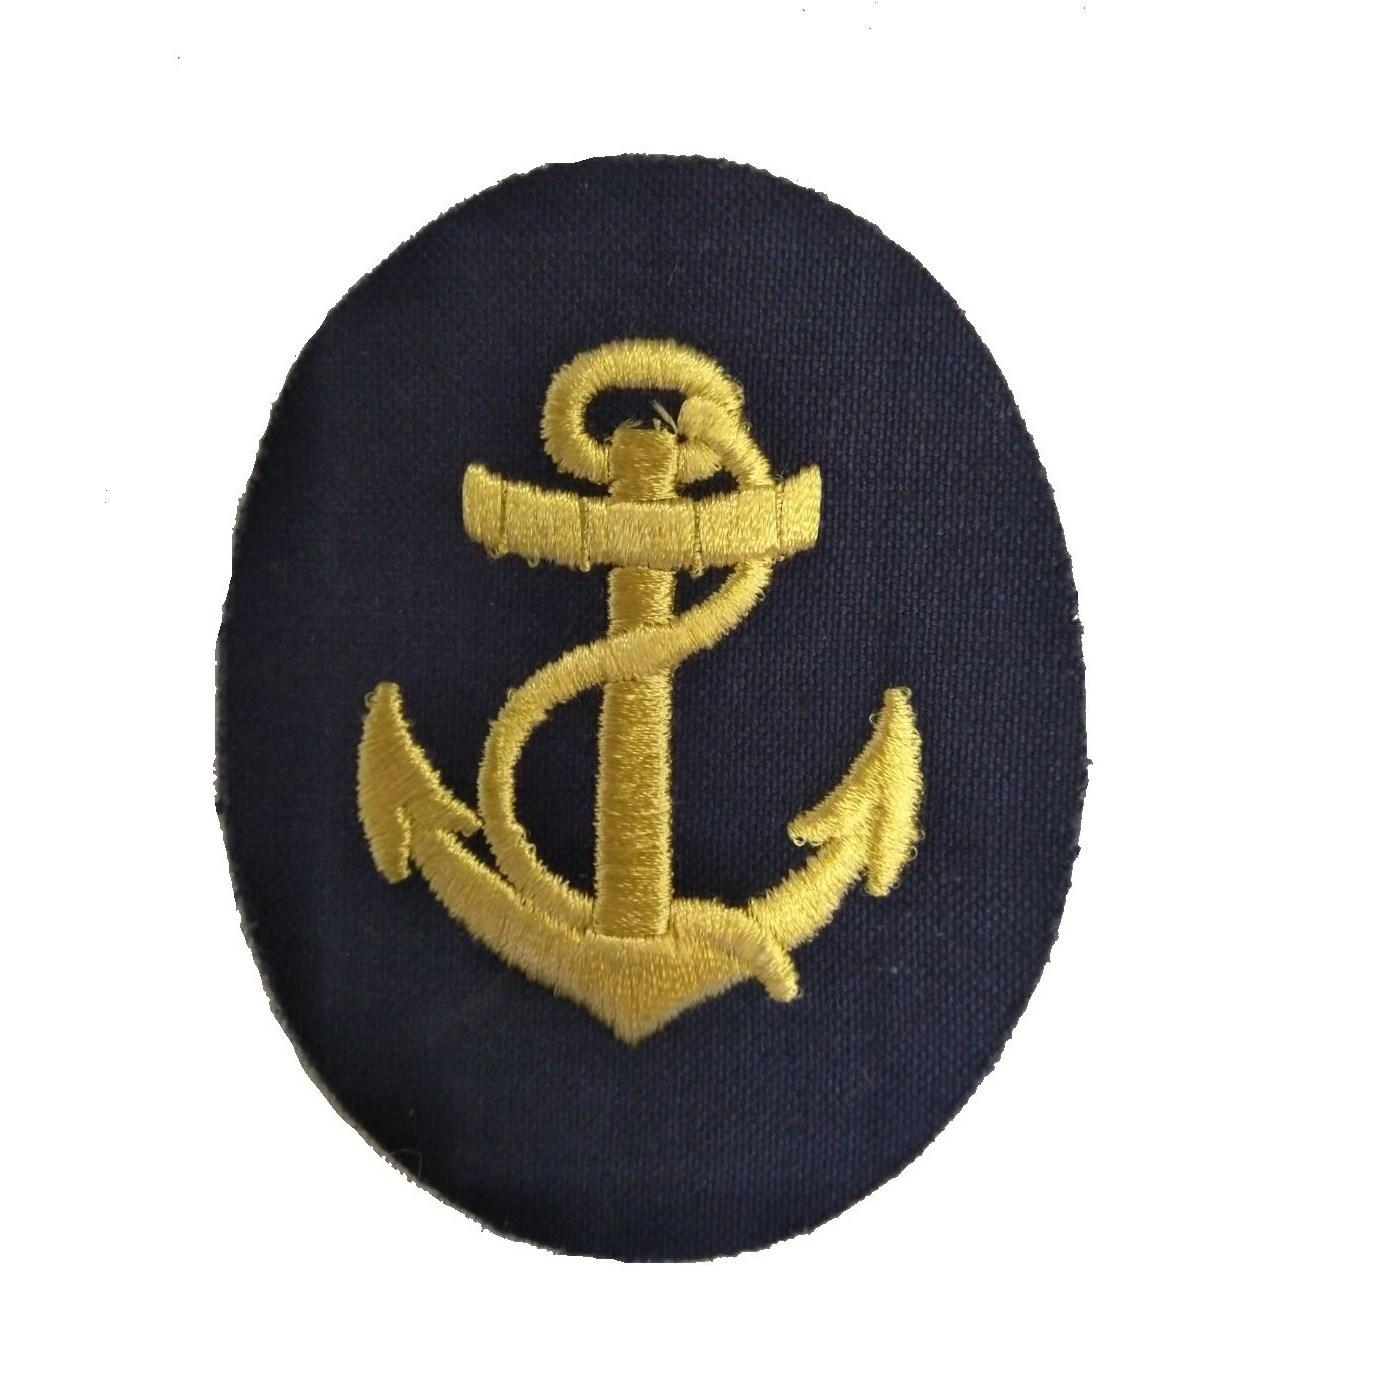 Nášivka námořních jednotek NVA ovál s kotvou a lanem